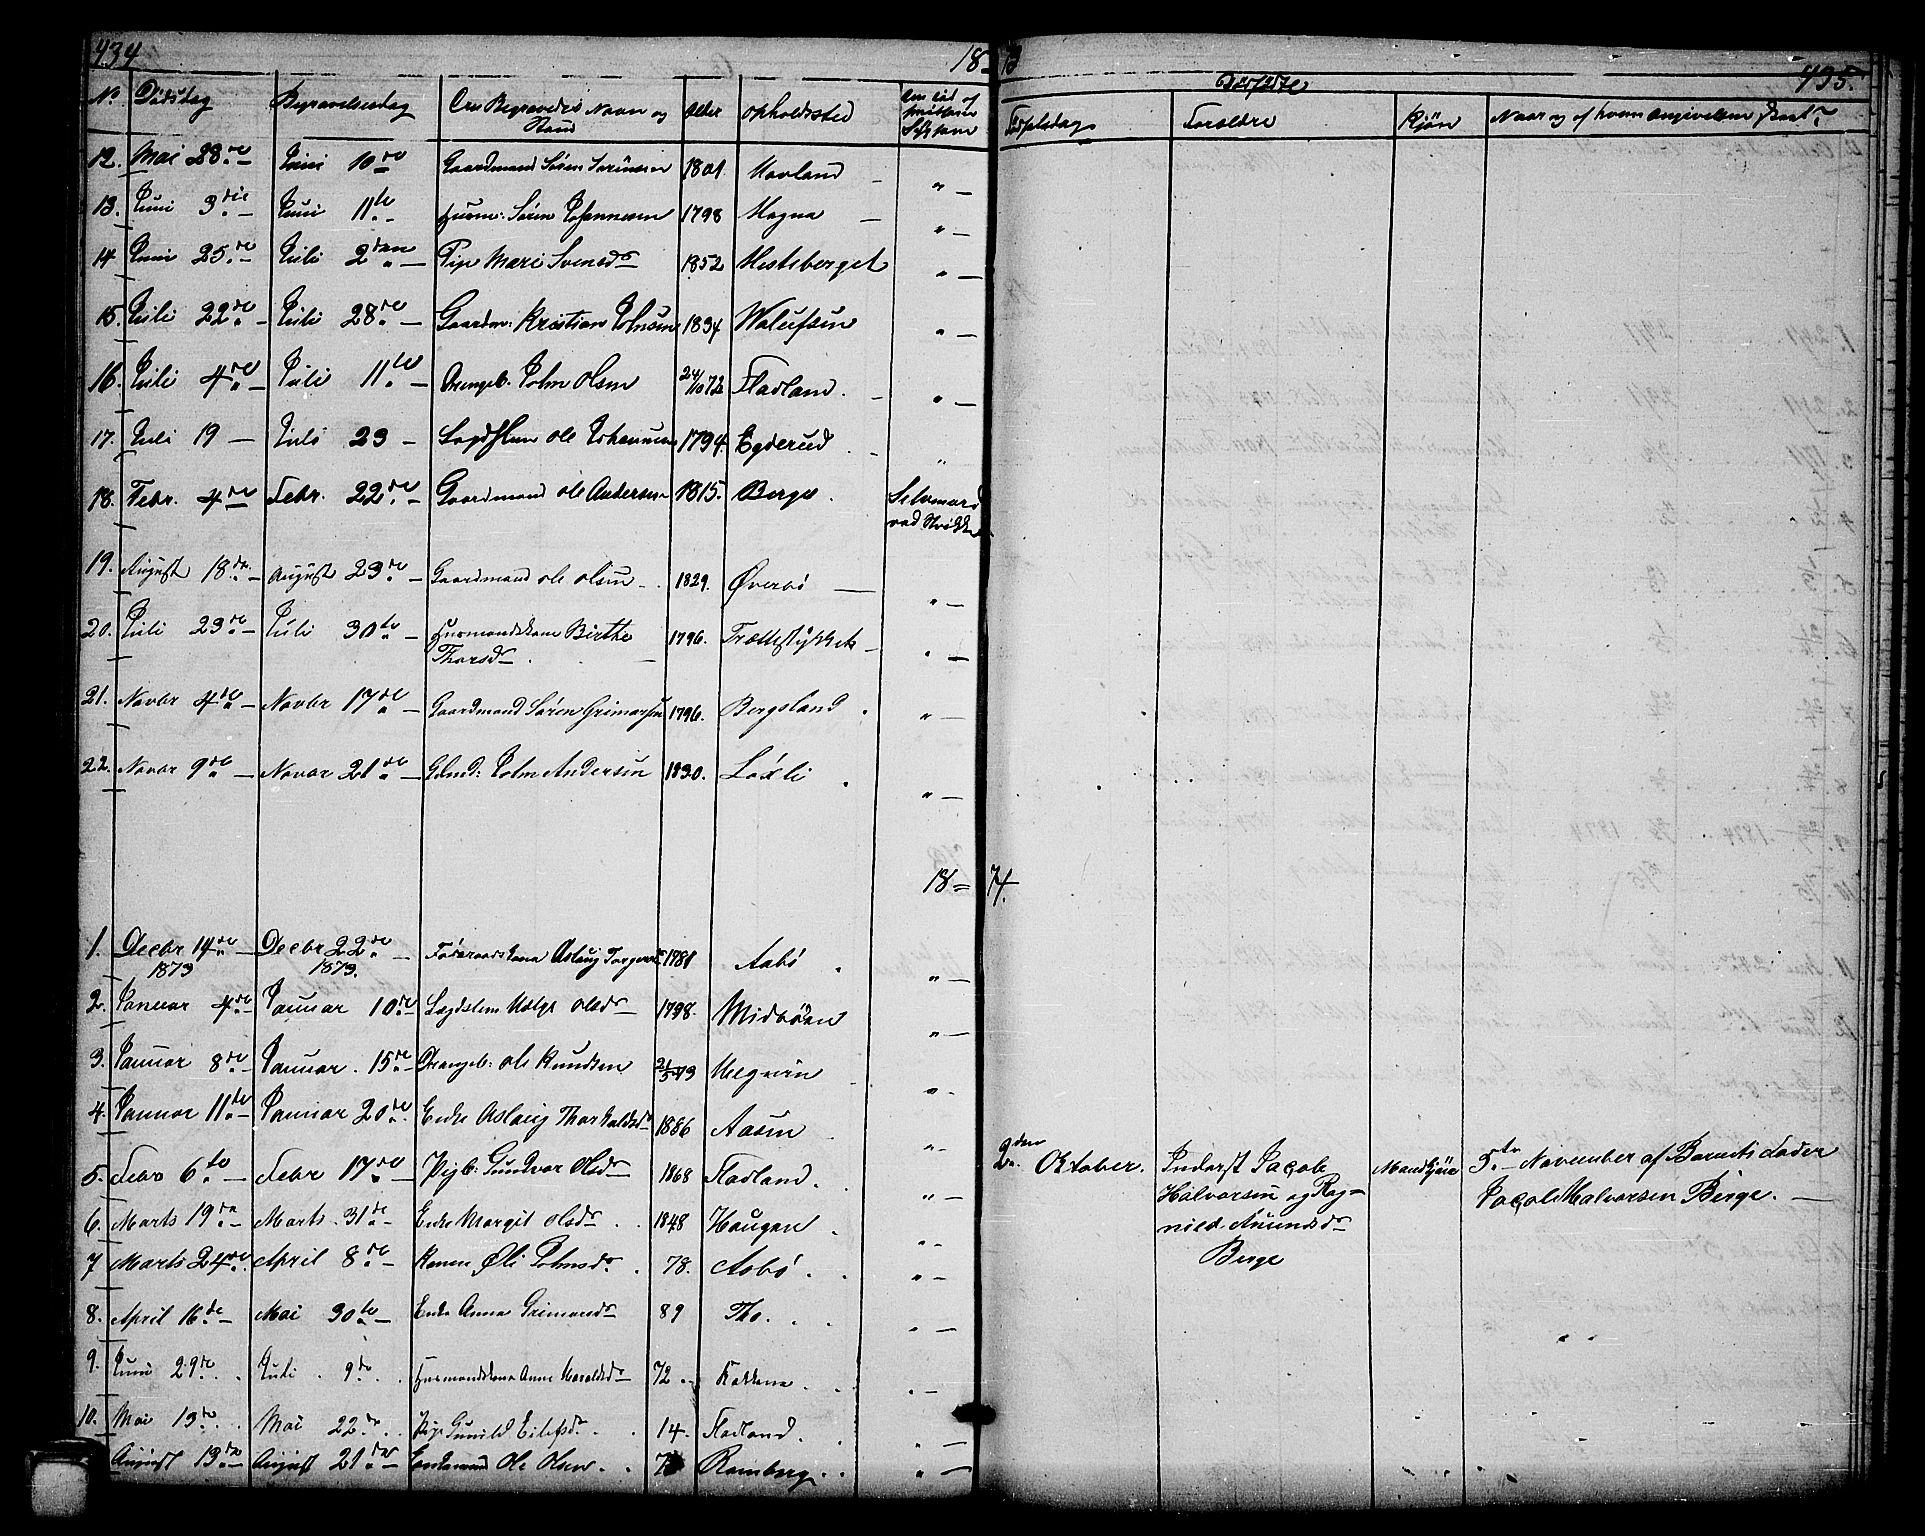 SAKO, Hjartdal kirkebøker, G/Ga/L0002: Klokkerbok nr. I 2, 1854-1888, s. 434-435